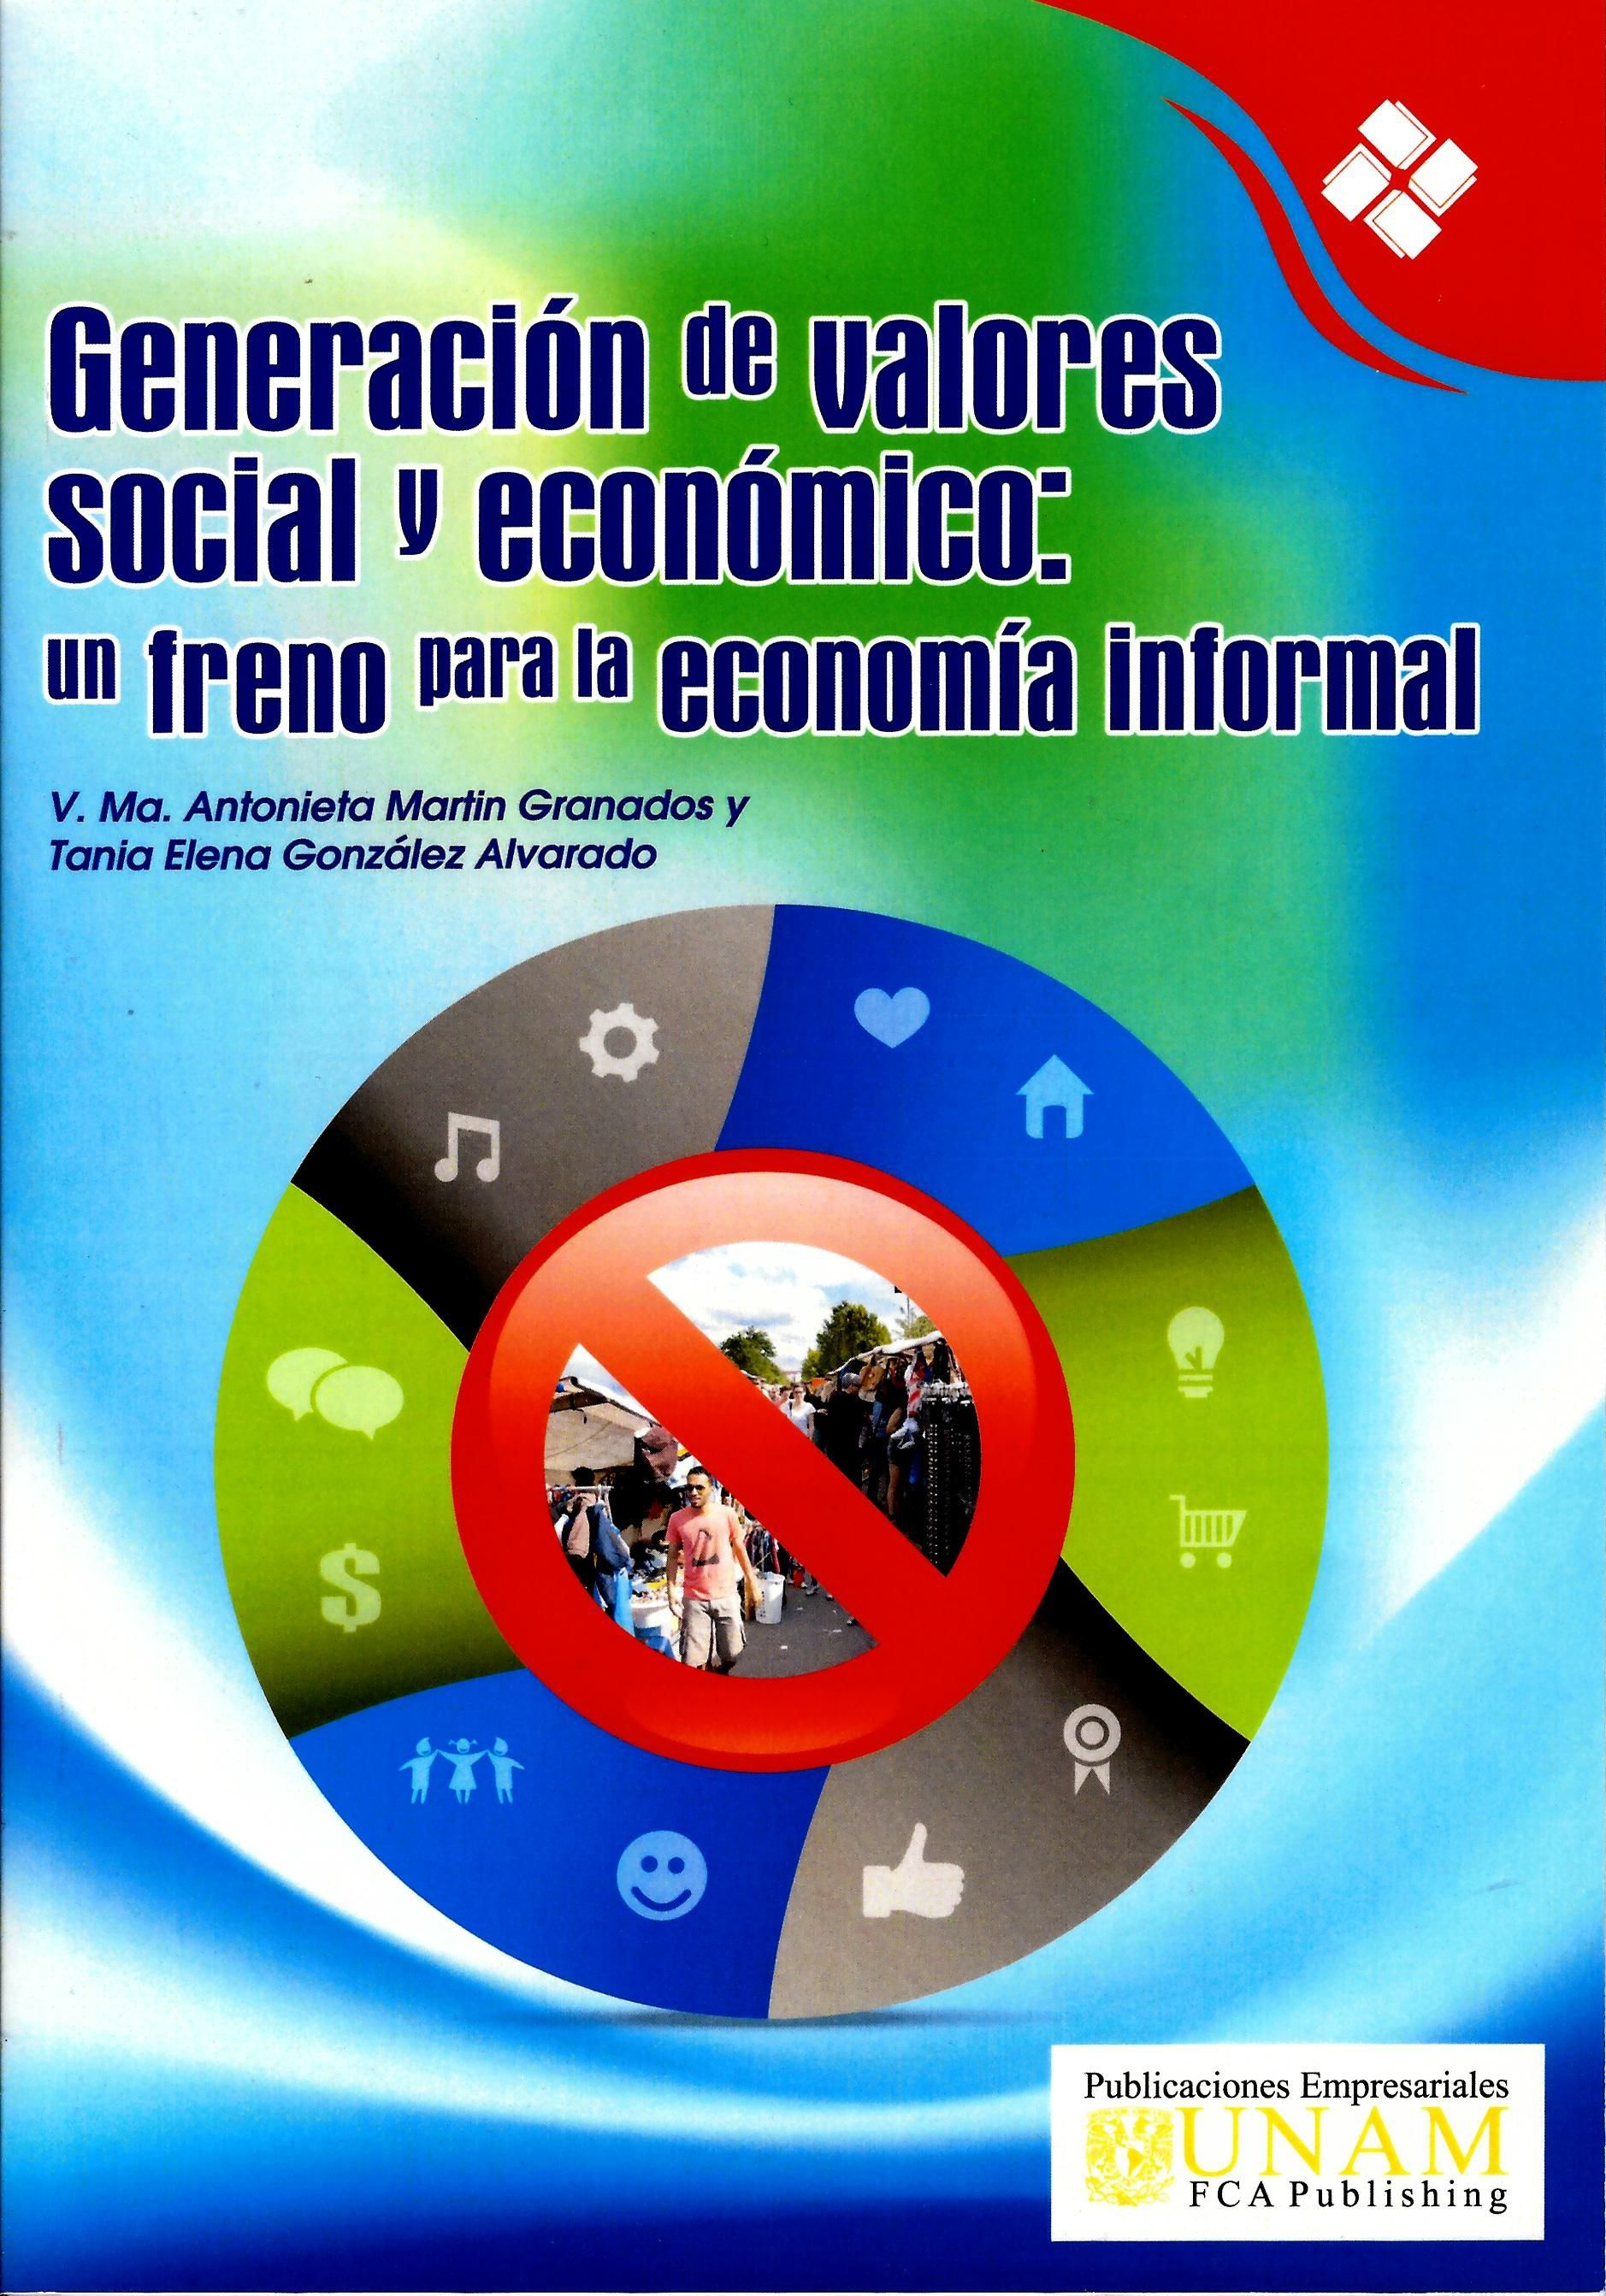 Generación de valores social y económico. Un freno para la Economía Informal